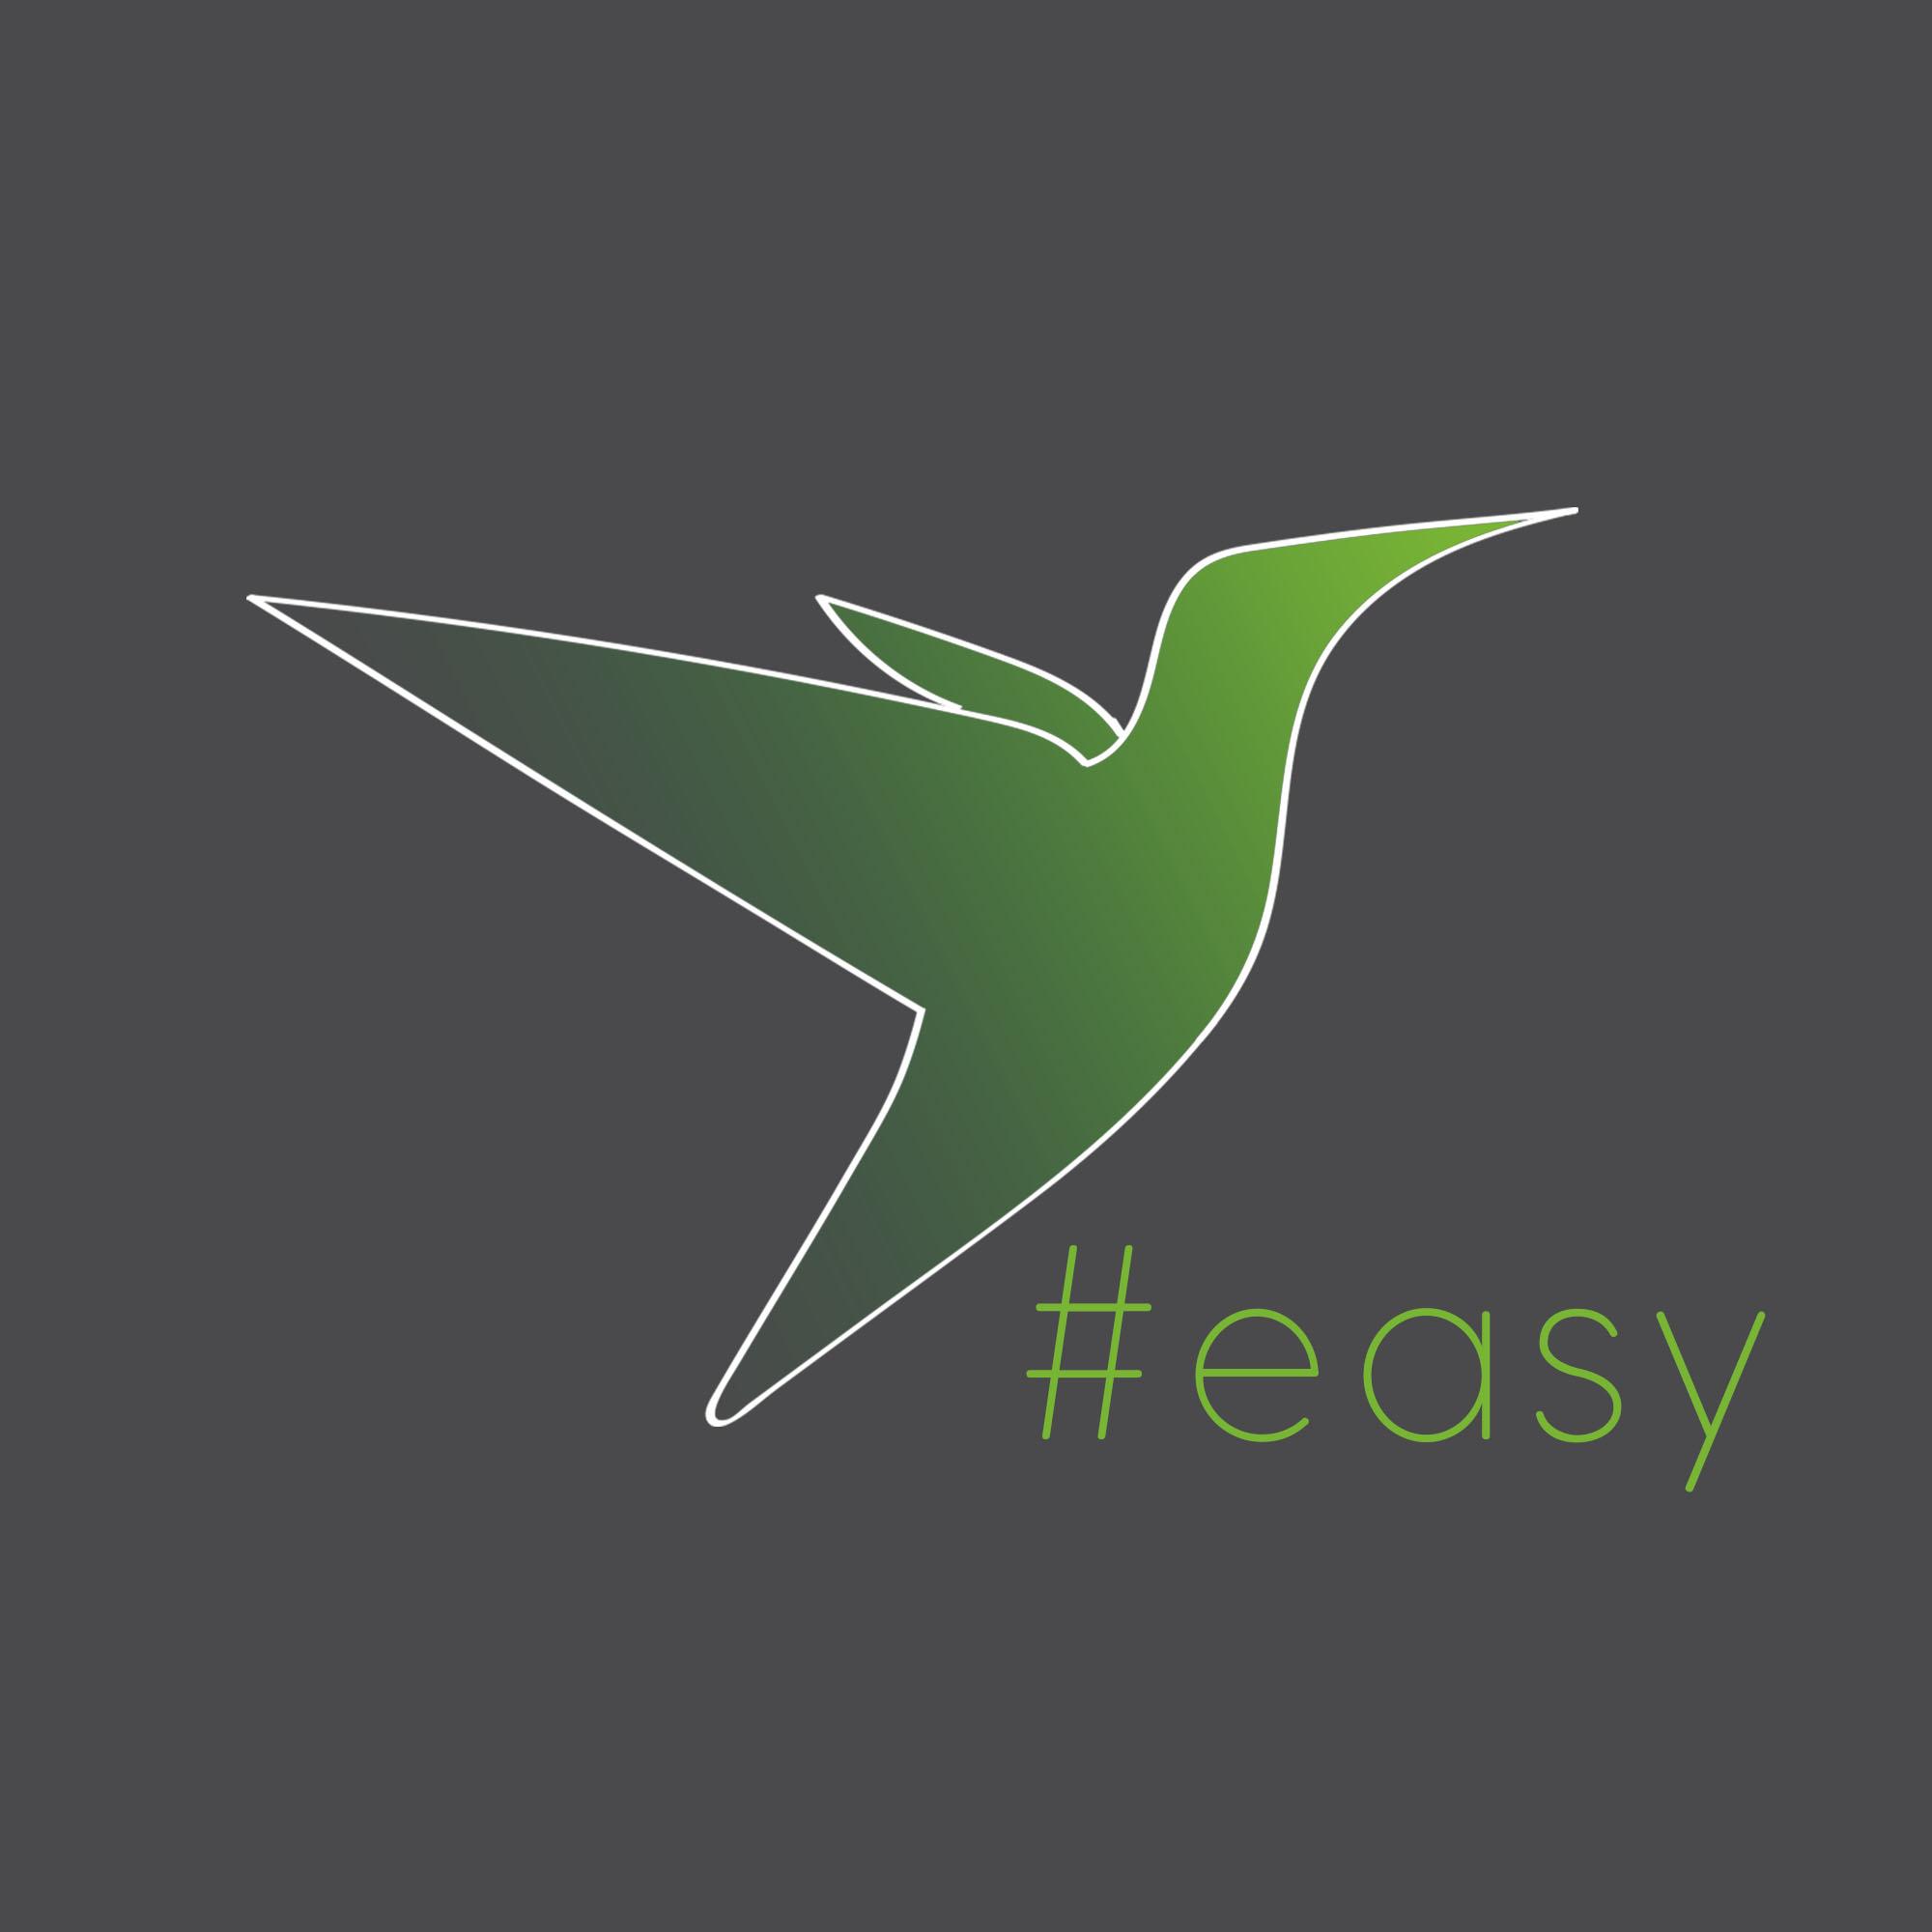 Разработка логотипа в виде хэштега #easy с зеленой колибри  фото f_9655d4f03b95d826.jpg